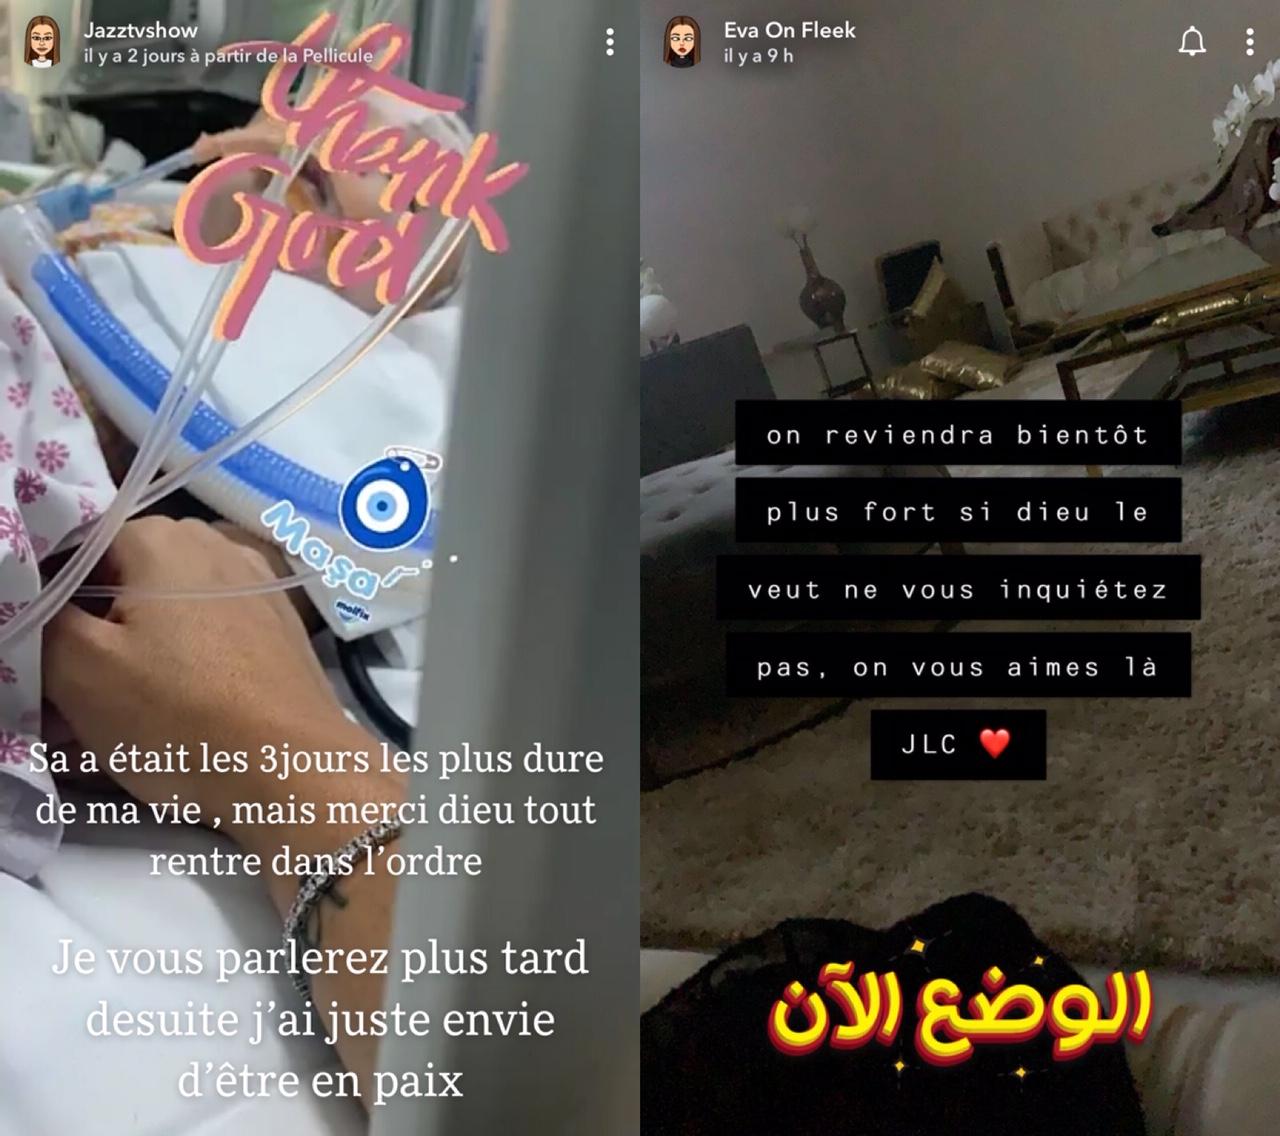 Leur fils de 9 mois hospitalisé d'urgence — Jazz et Laurent